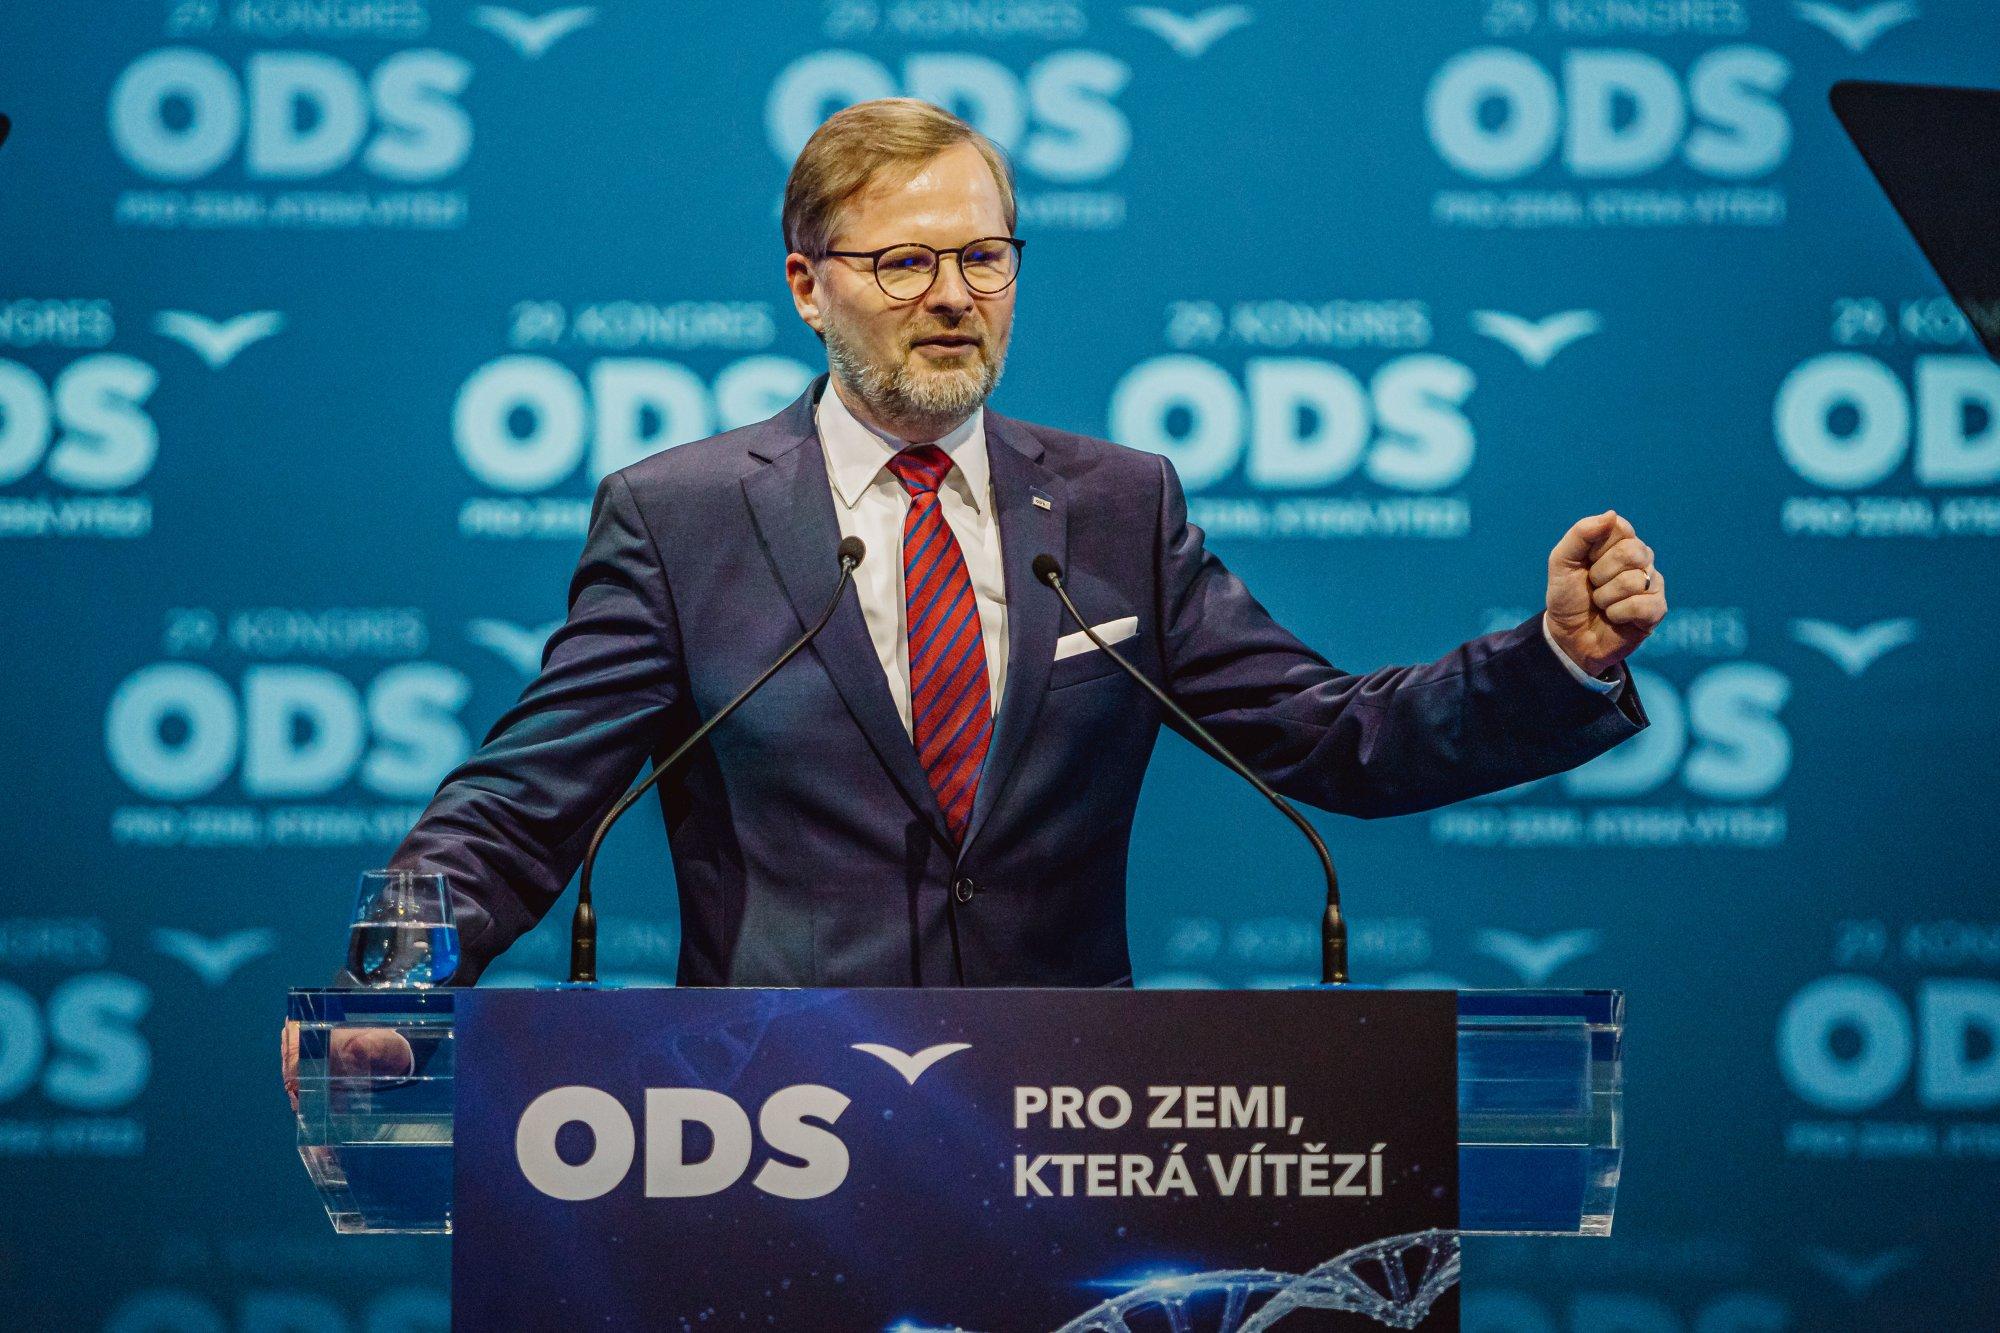 Petr Fiala: 30 let od vzniku ODS. Neseme v sobě étos Listopadu, stranu jsme zachránili a oživili